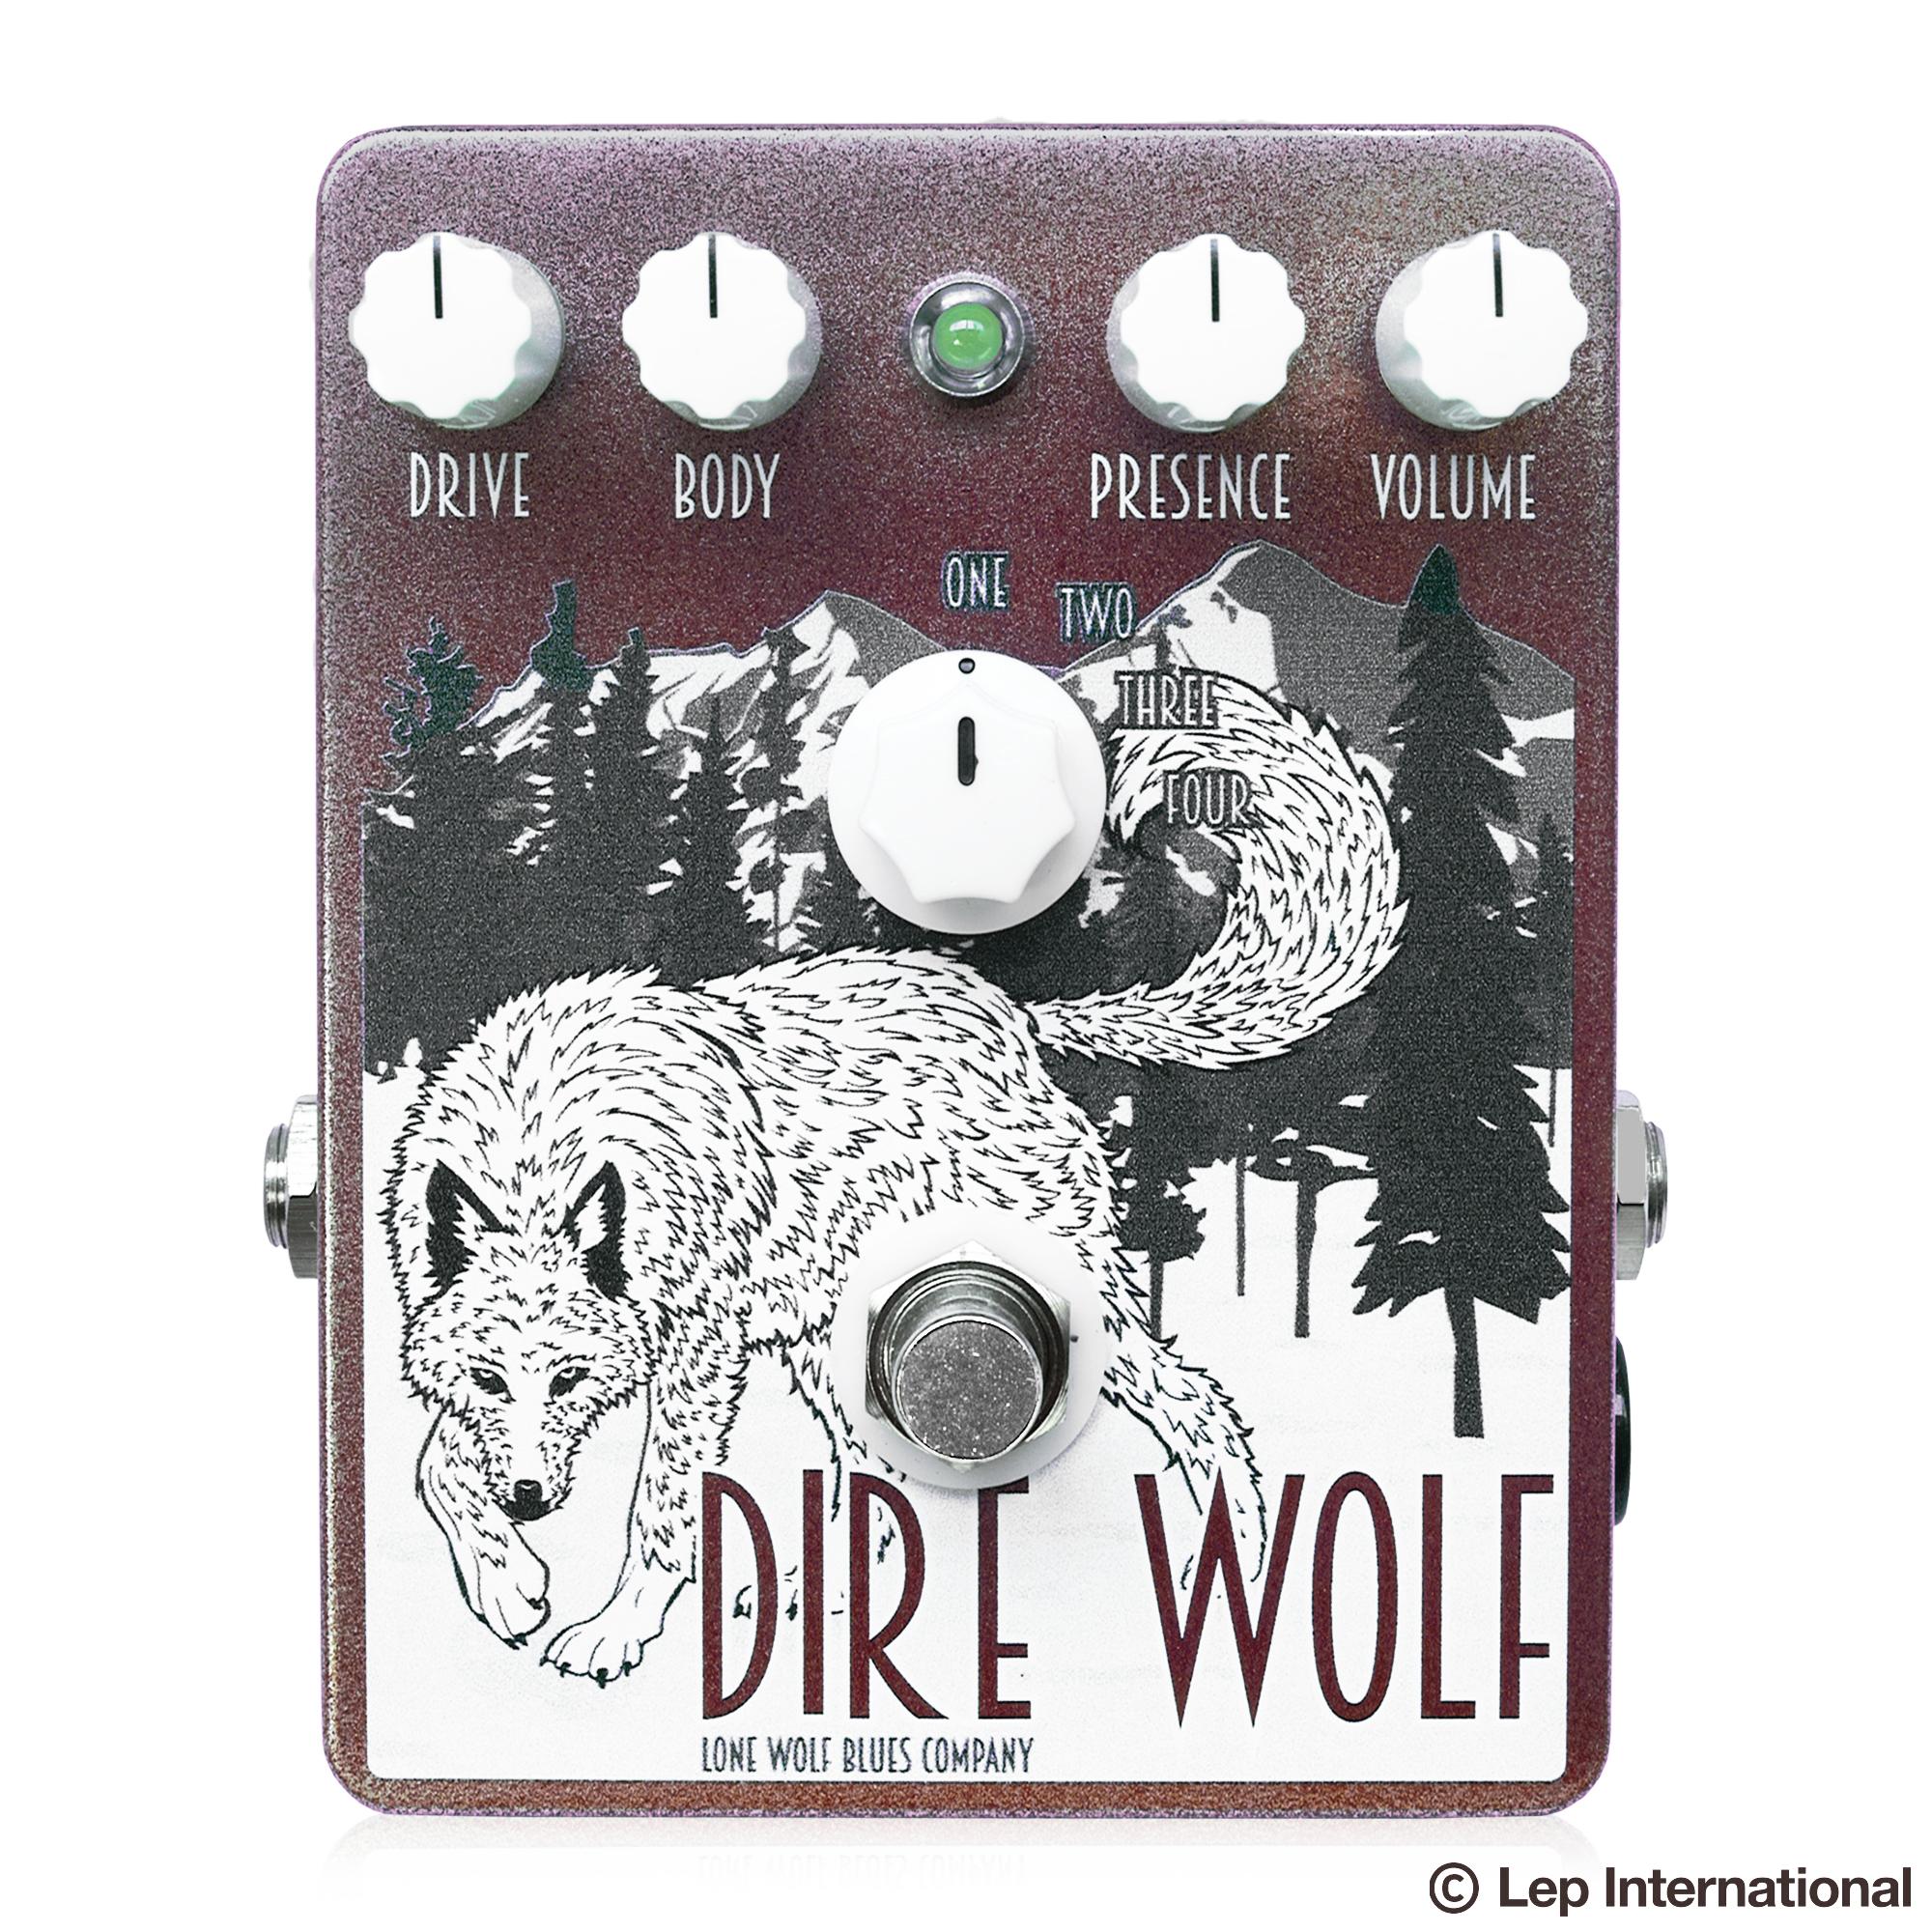 Dire-Wolf-01.jpg